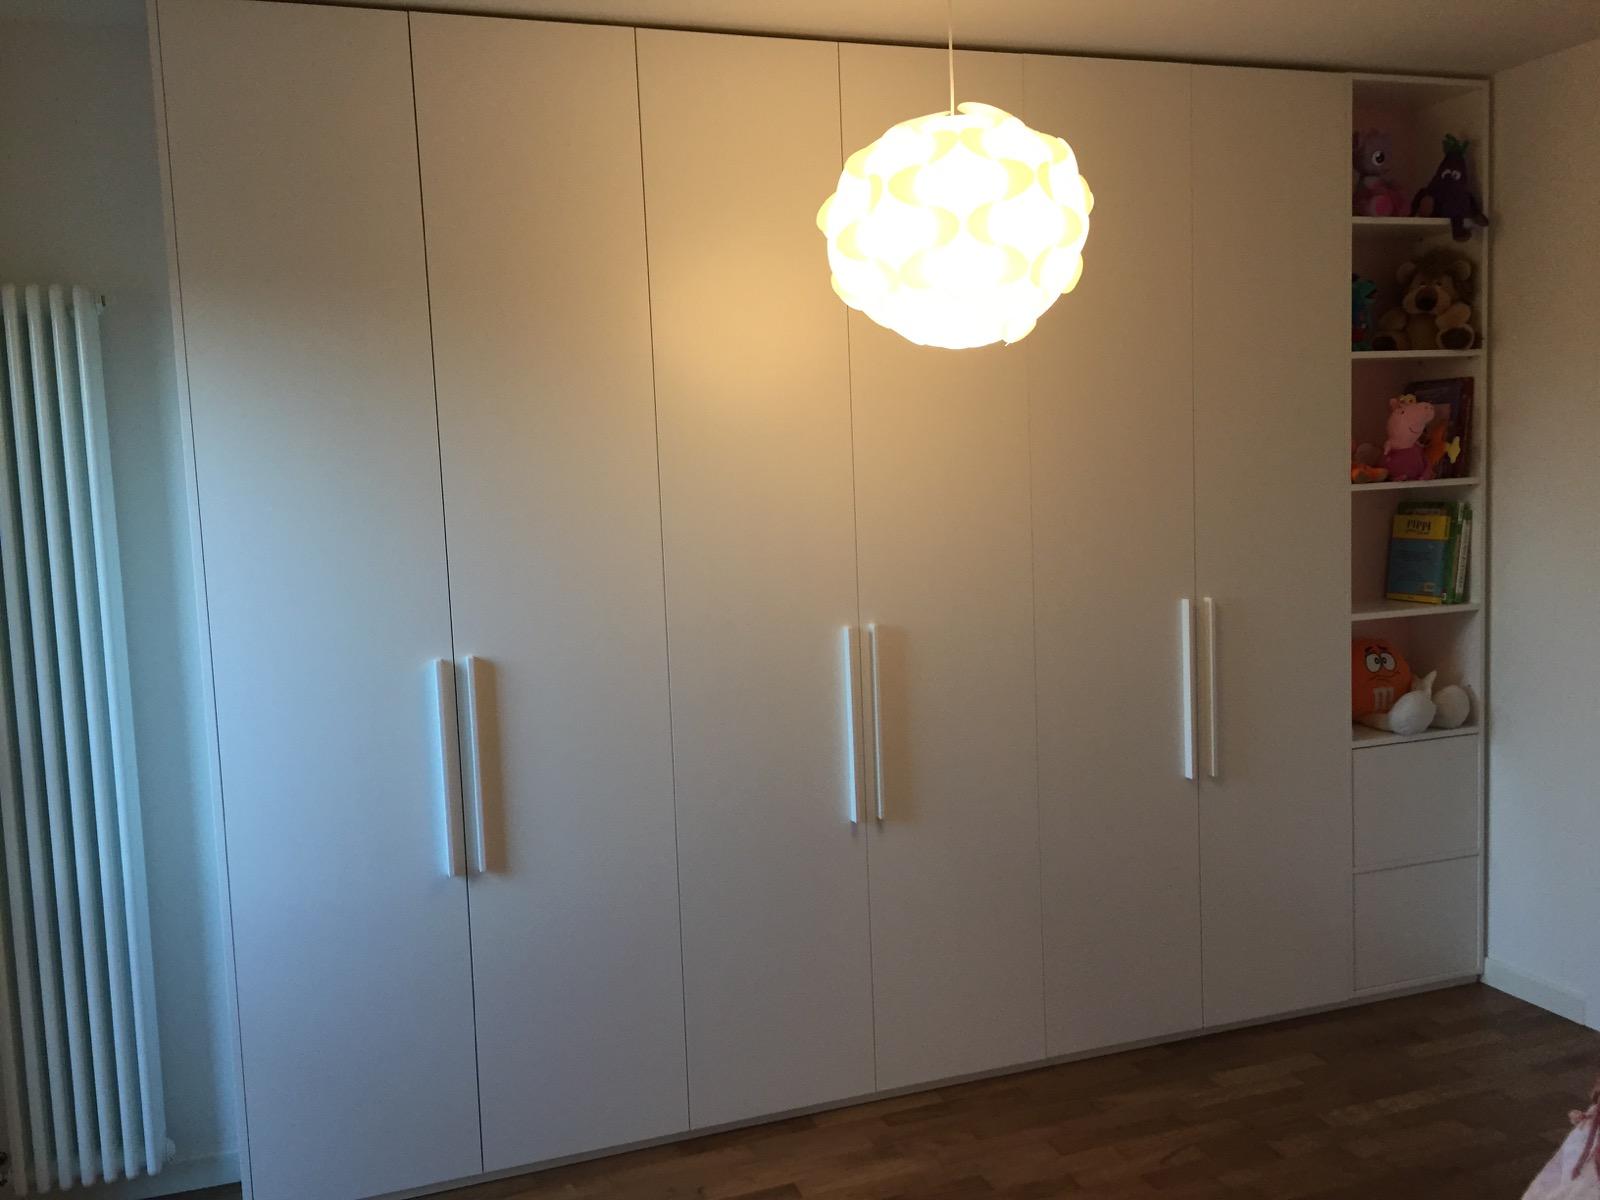 Appartamento a modena conti arredamenti arredamenti for Arredamenti per interni